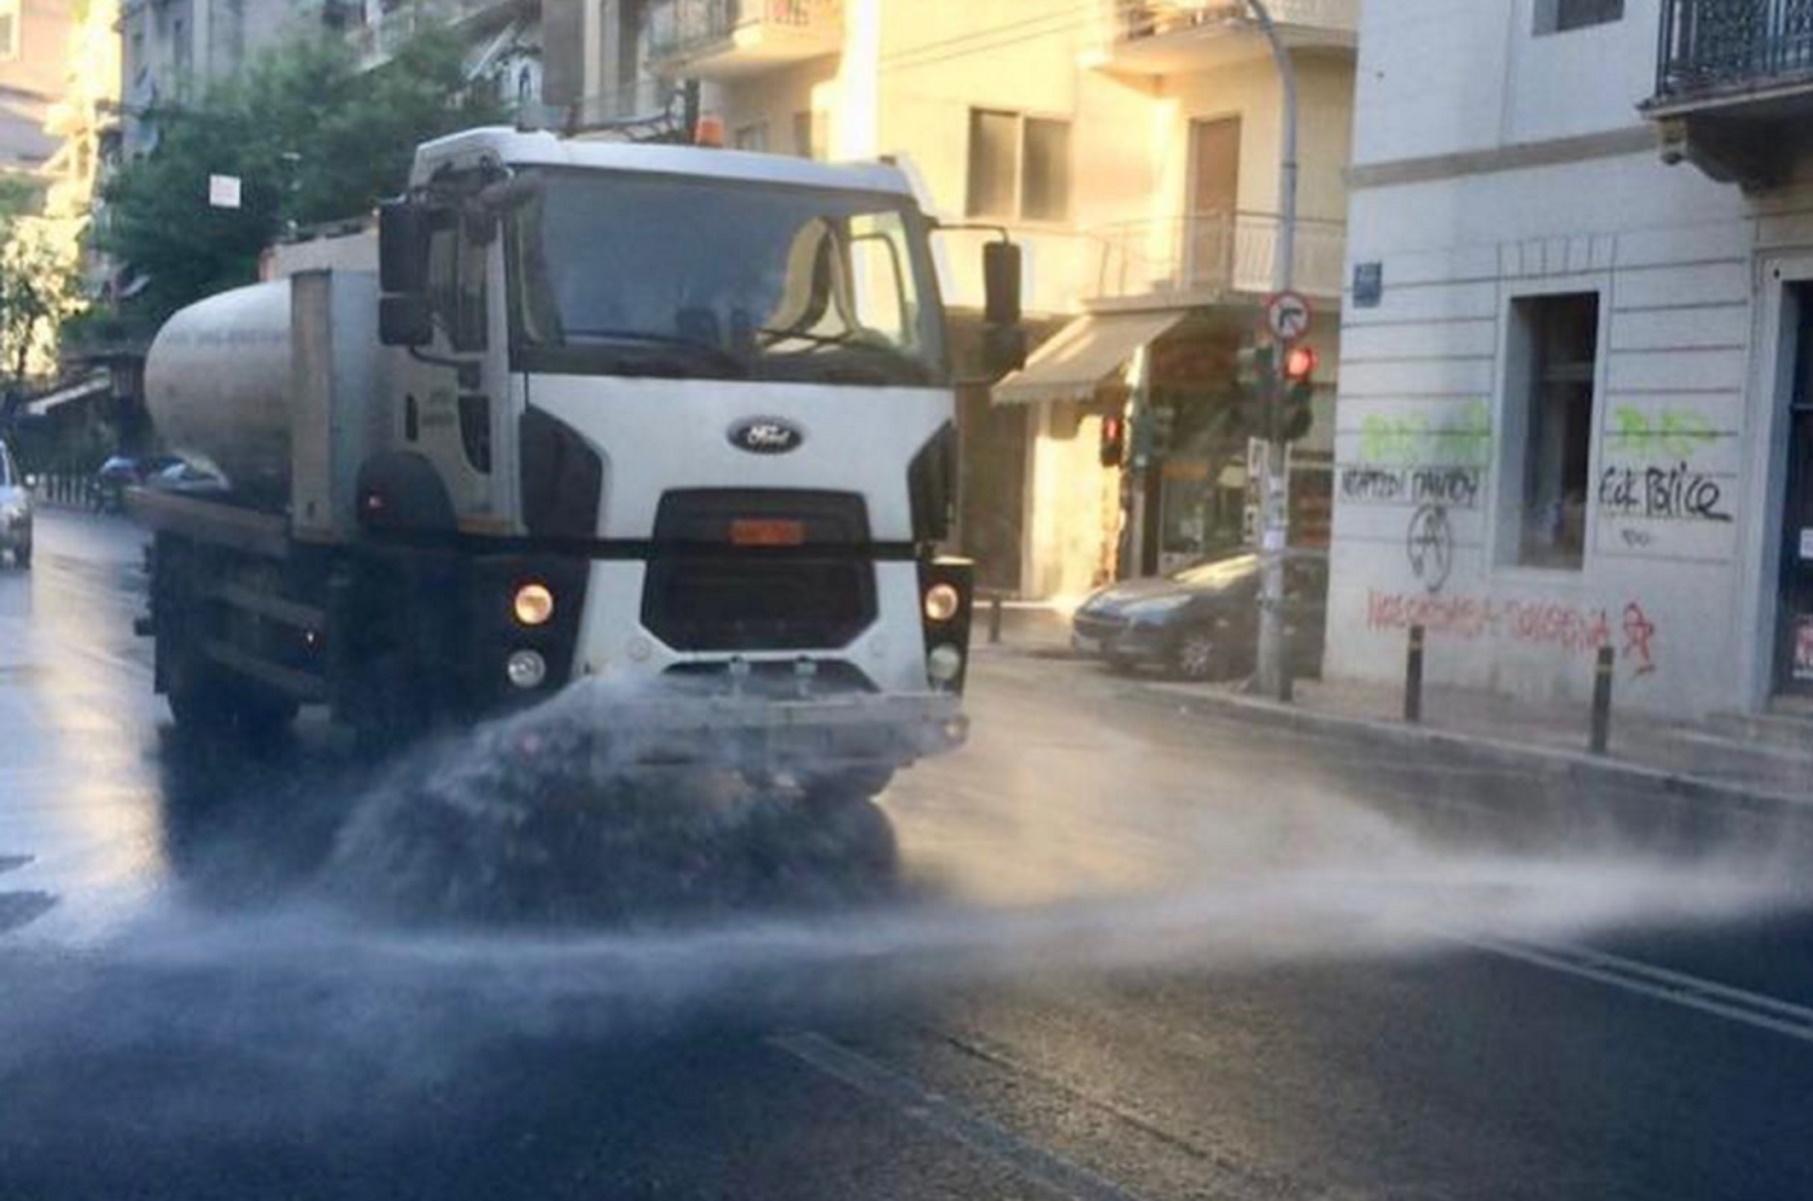 Δήμος Αθηναίων: Μεγάλη επιχείρηση καθαριότητας και απολύμανσης στα Πατήσια (pics)